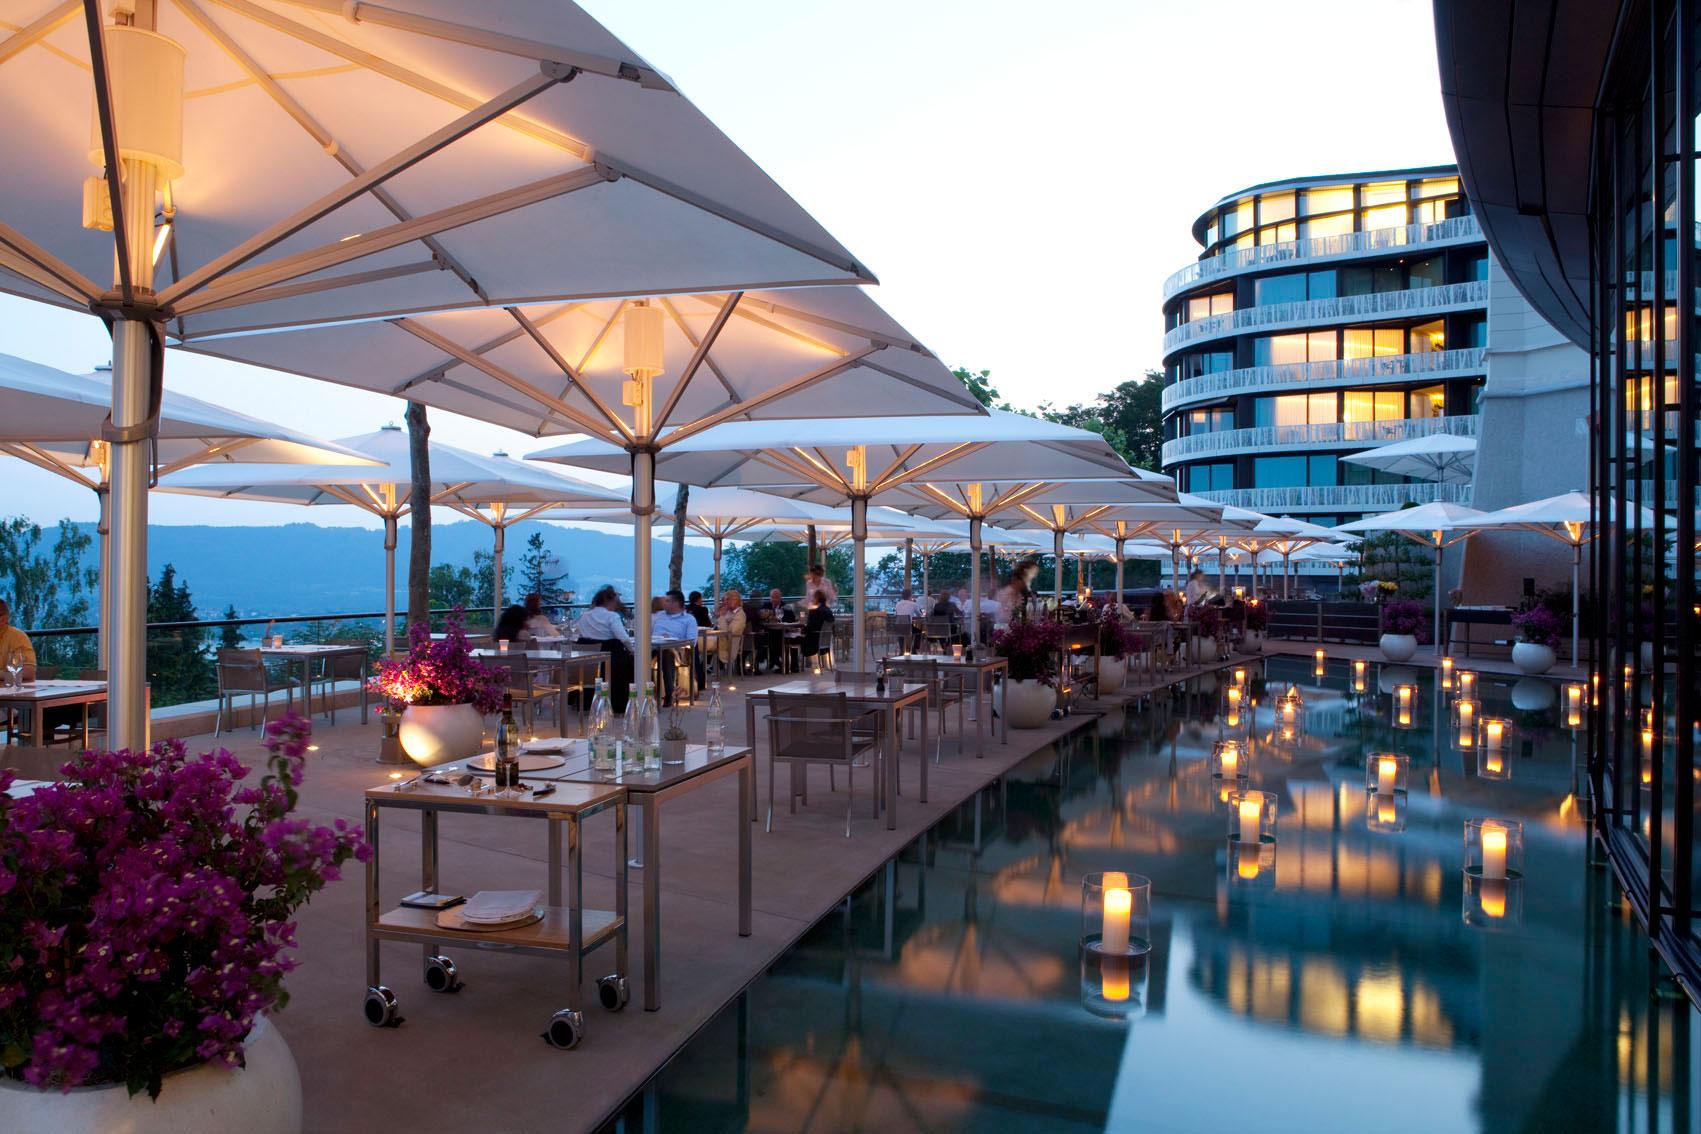 The Dolder Grand Garden Restaurant Terrace